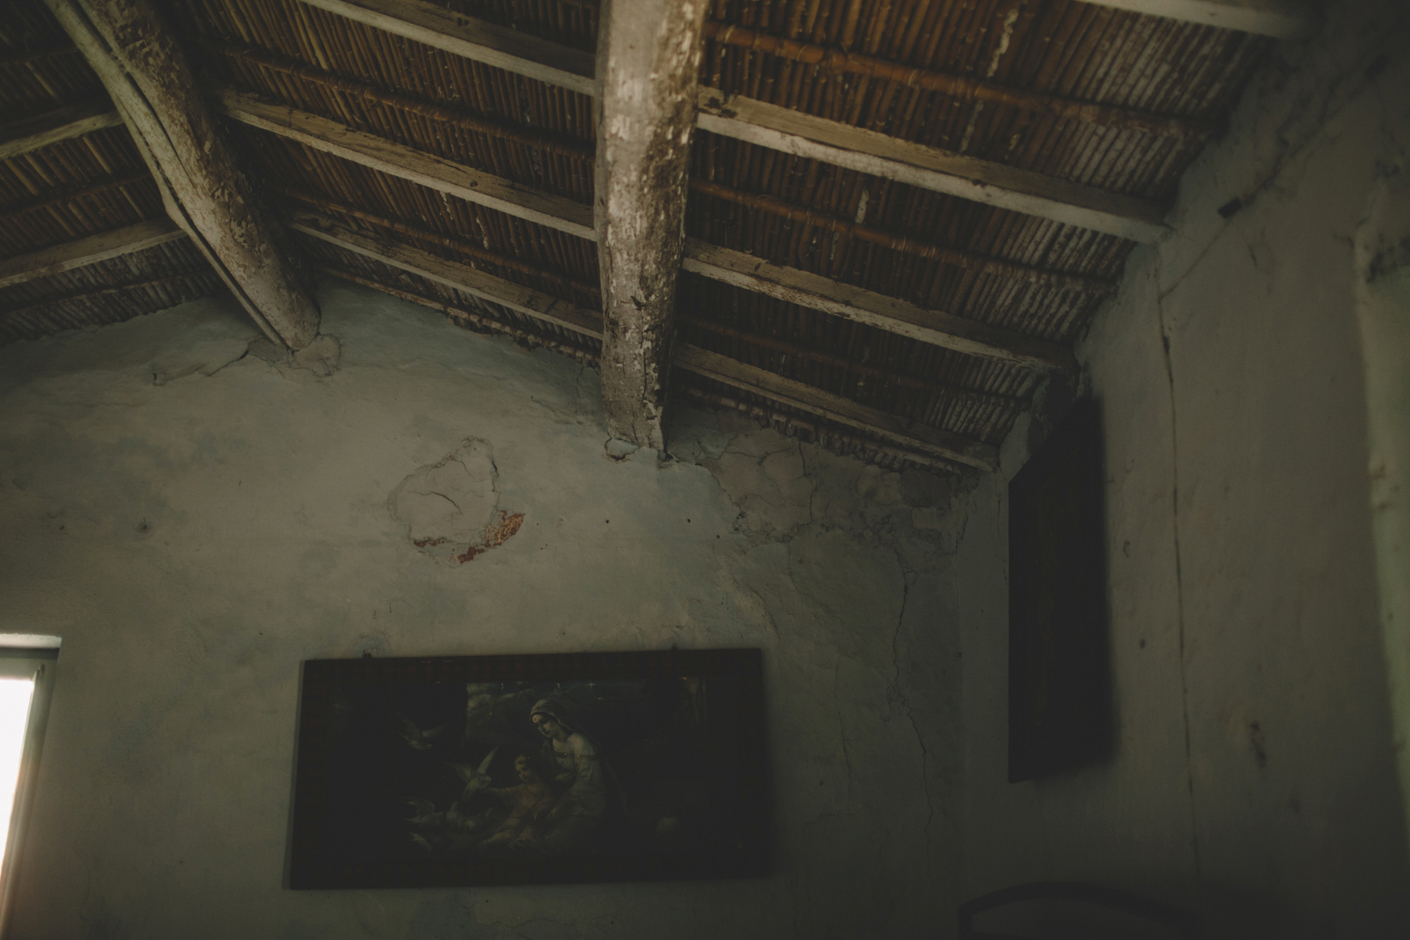 inside Lollove's houses